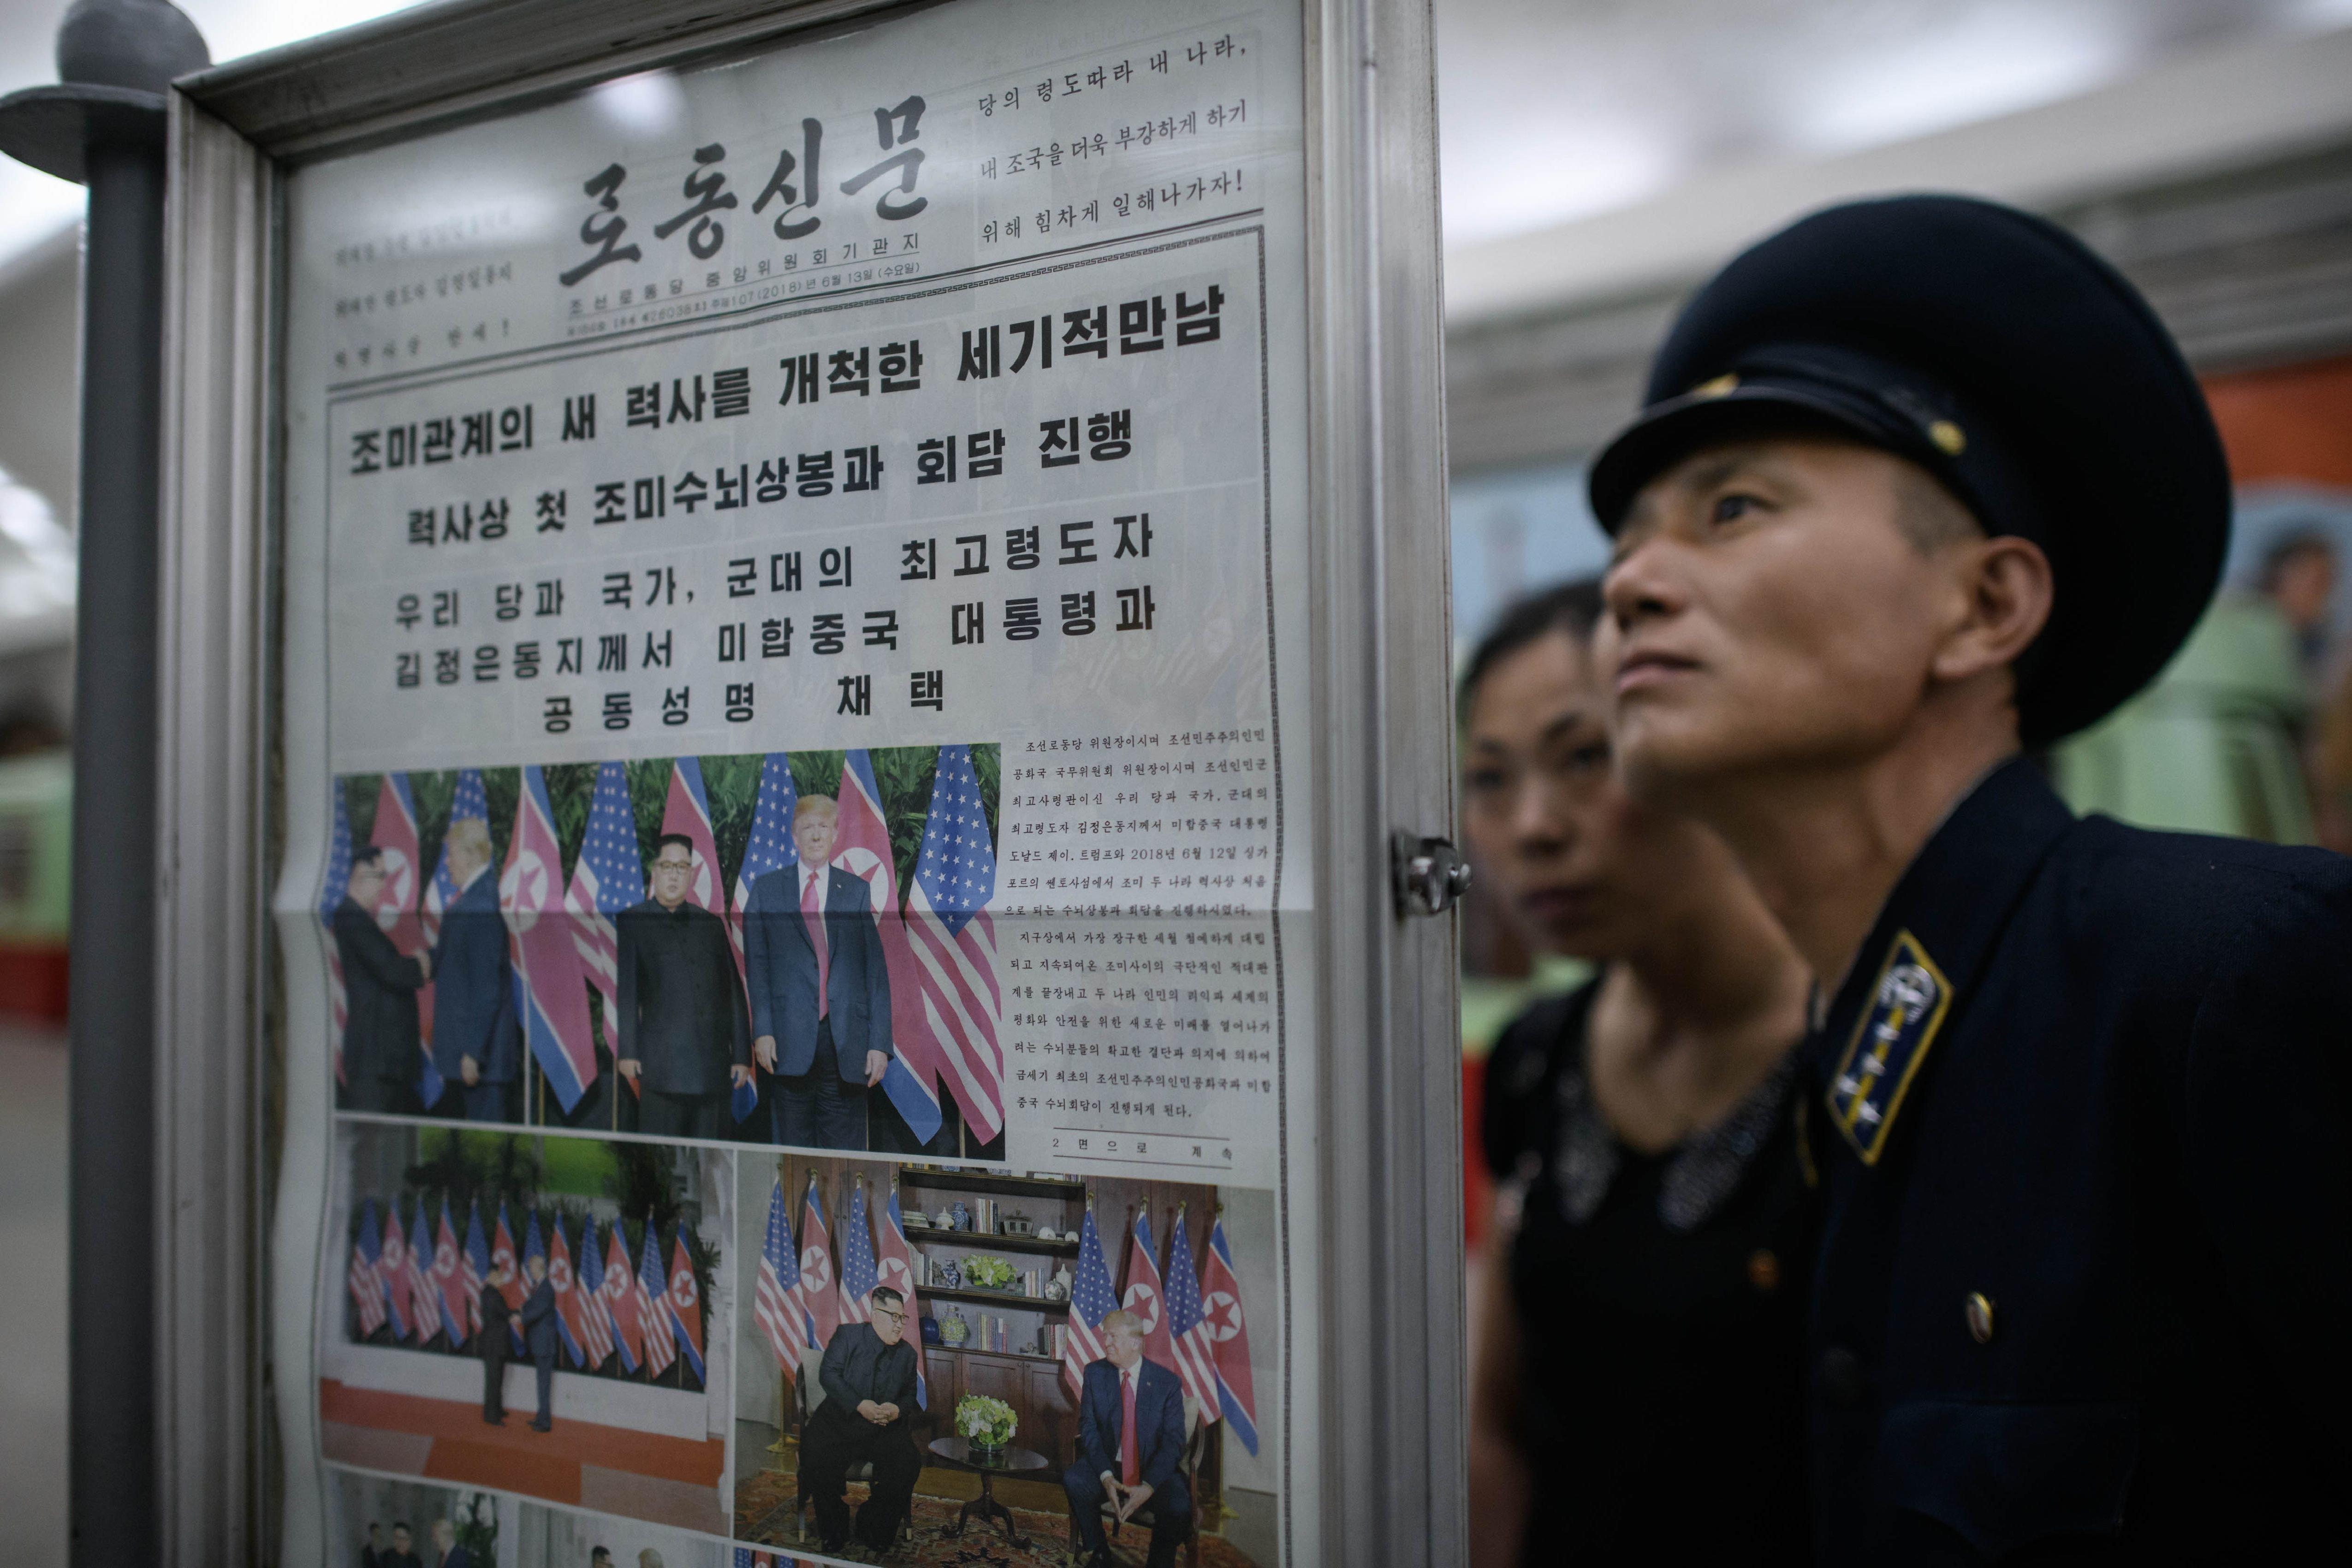 2018년 6월 13일 평양 지하철역 뉴스스탠드에서 북미정상회담 기사를 보고 있는 북한